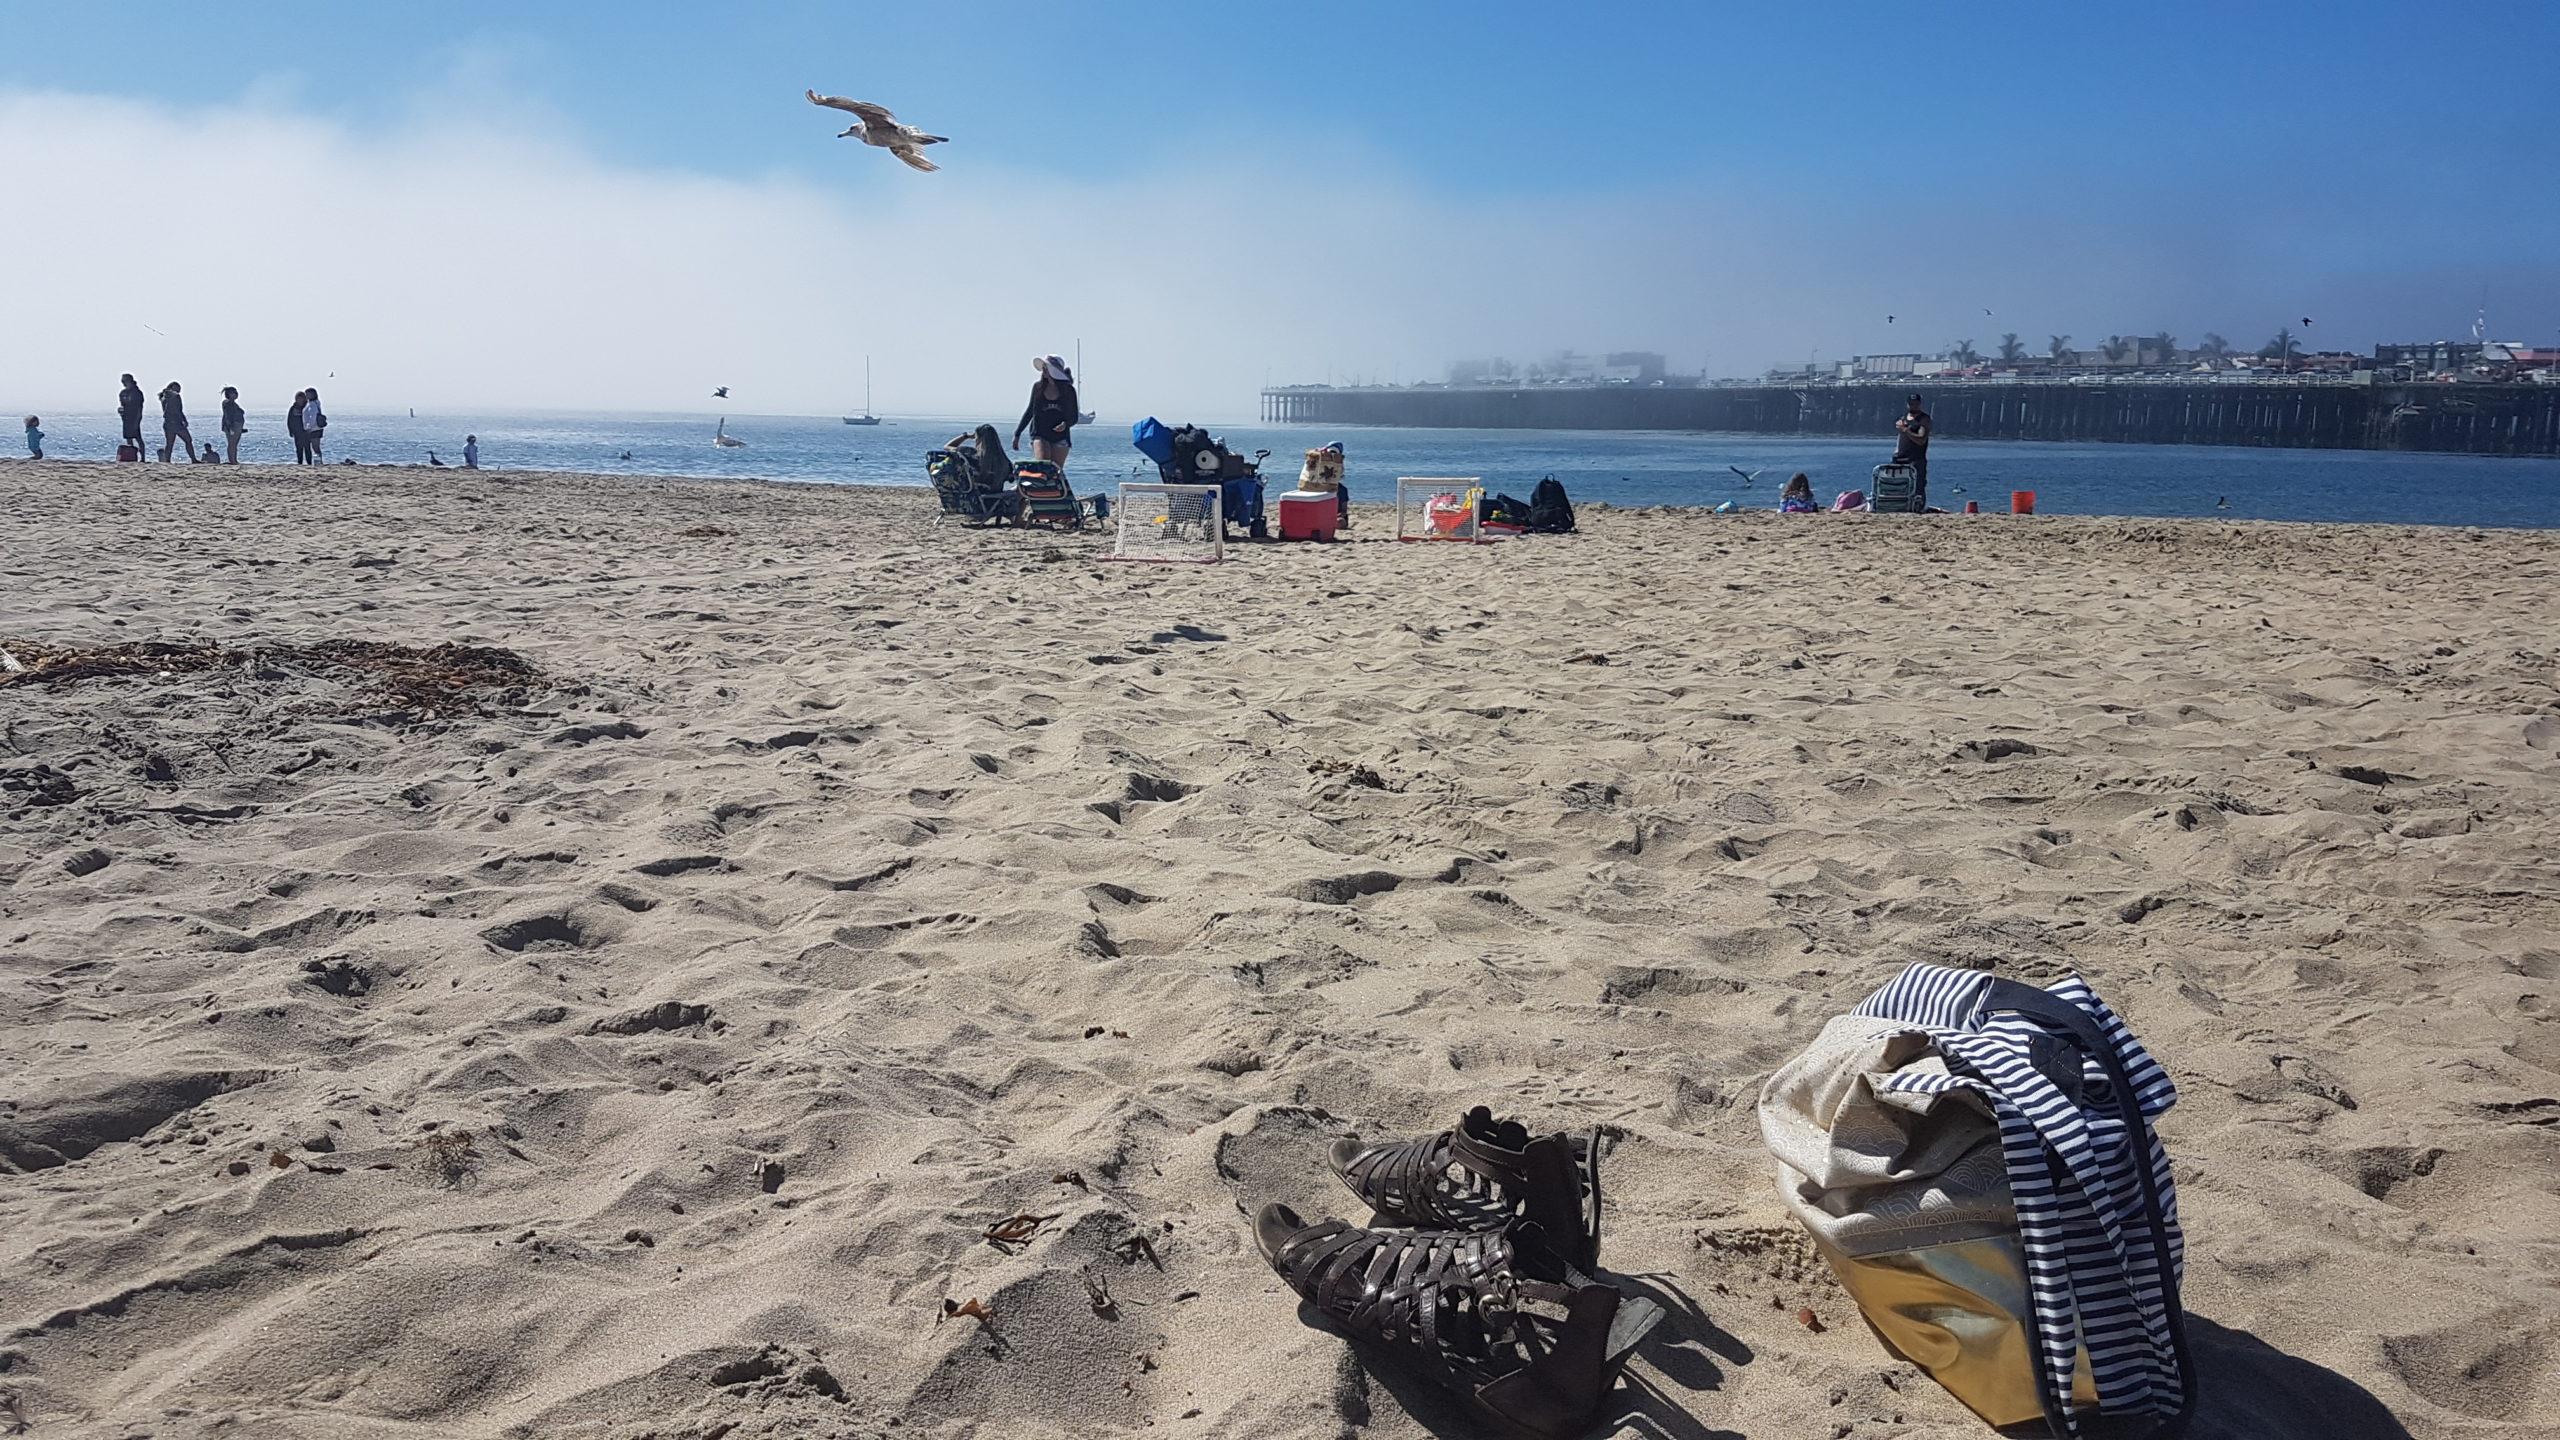 Quel bonheur d'être sur la plage, les pieds dans le sable fin 😍